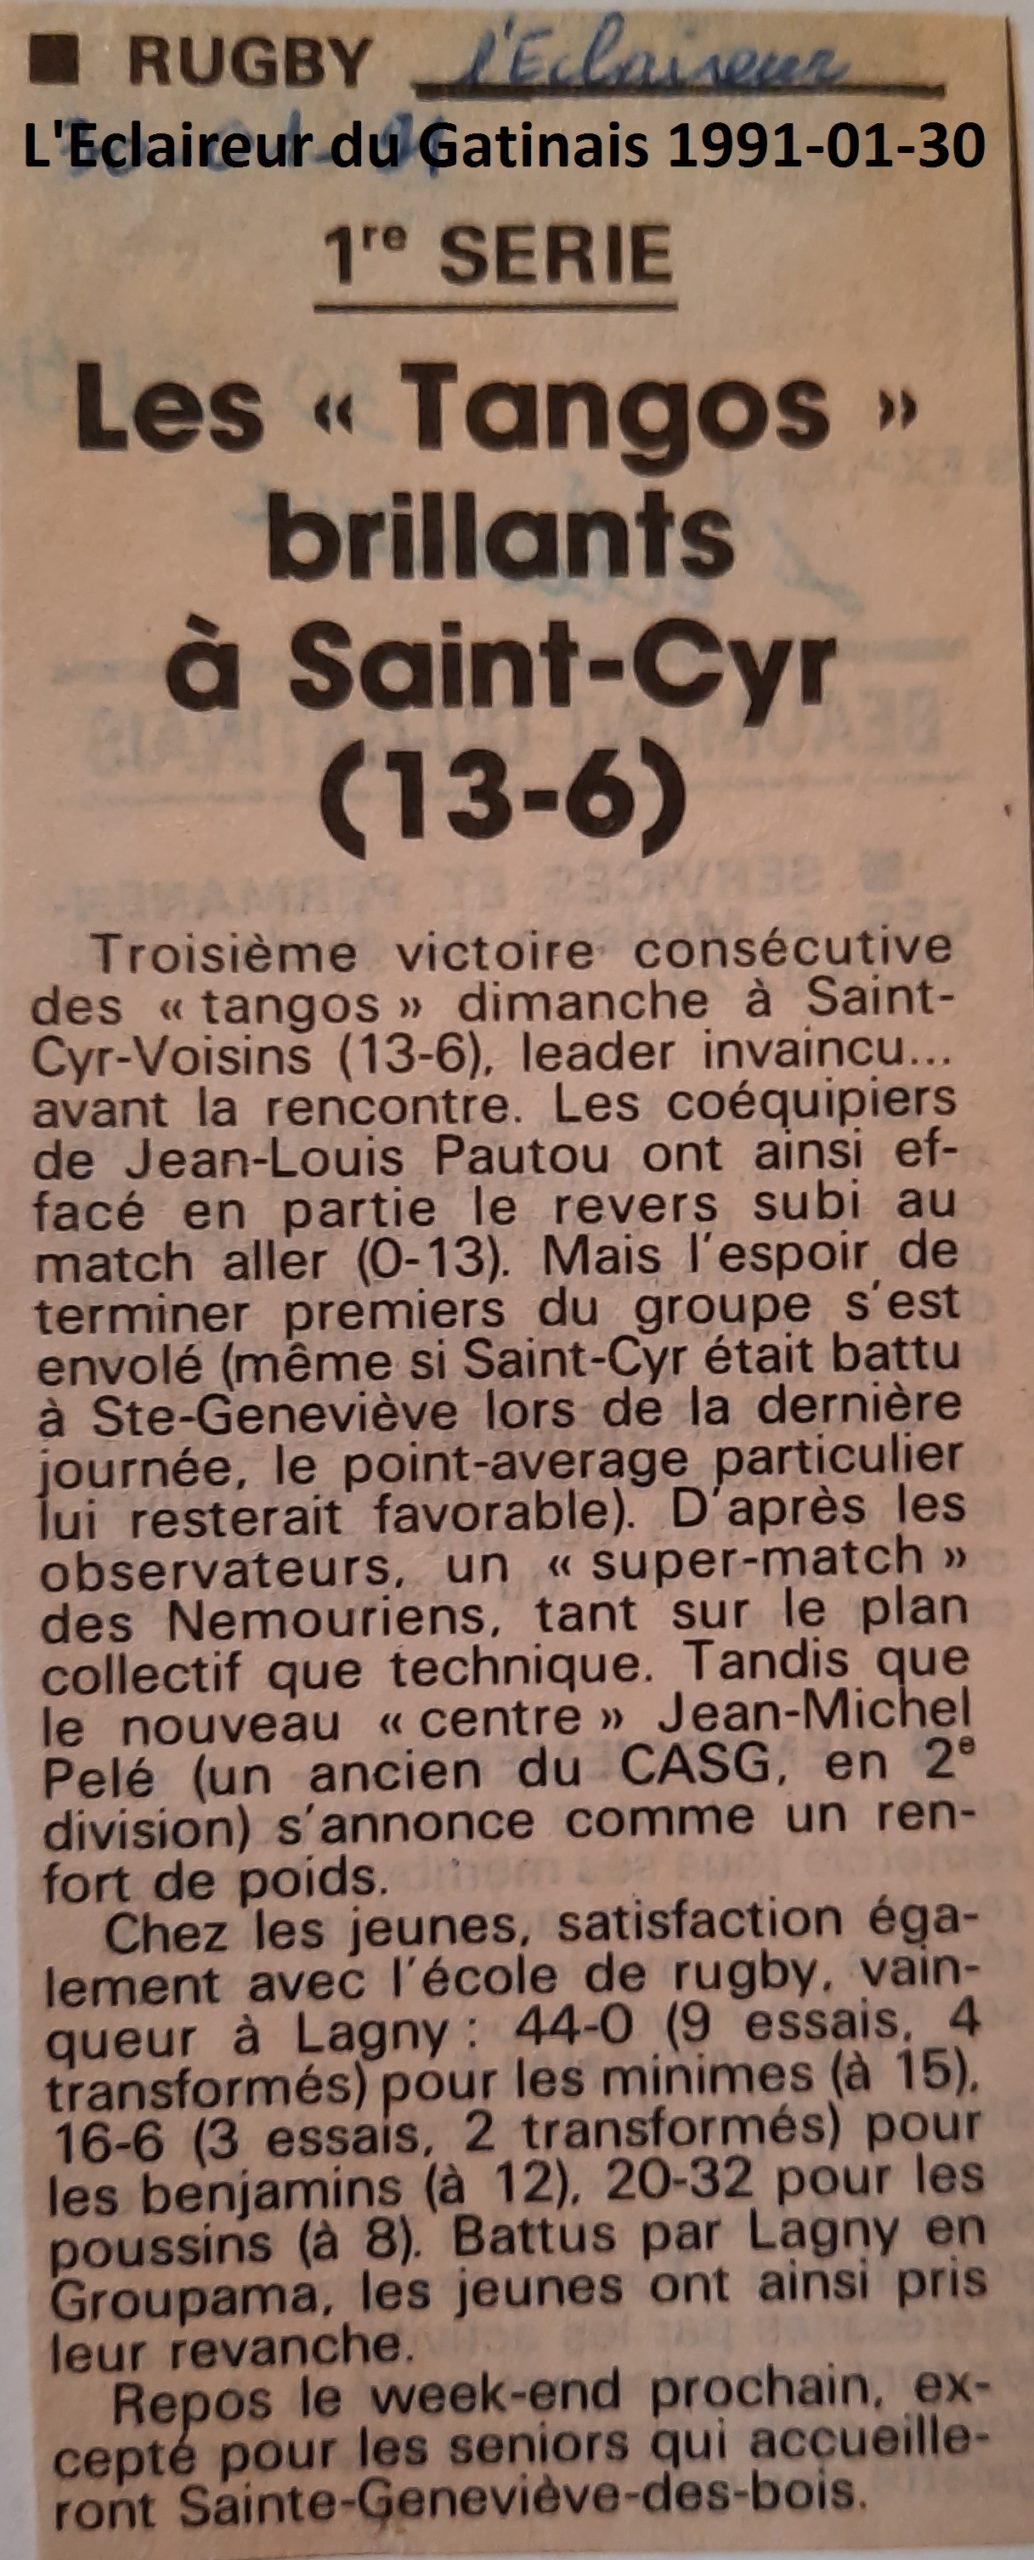 Eclaireur du Gâtinais 1991-01-30